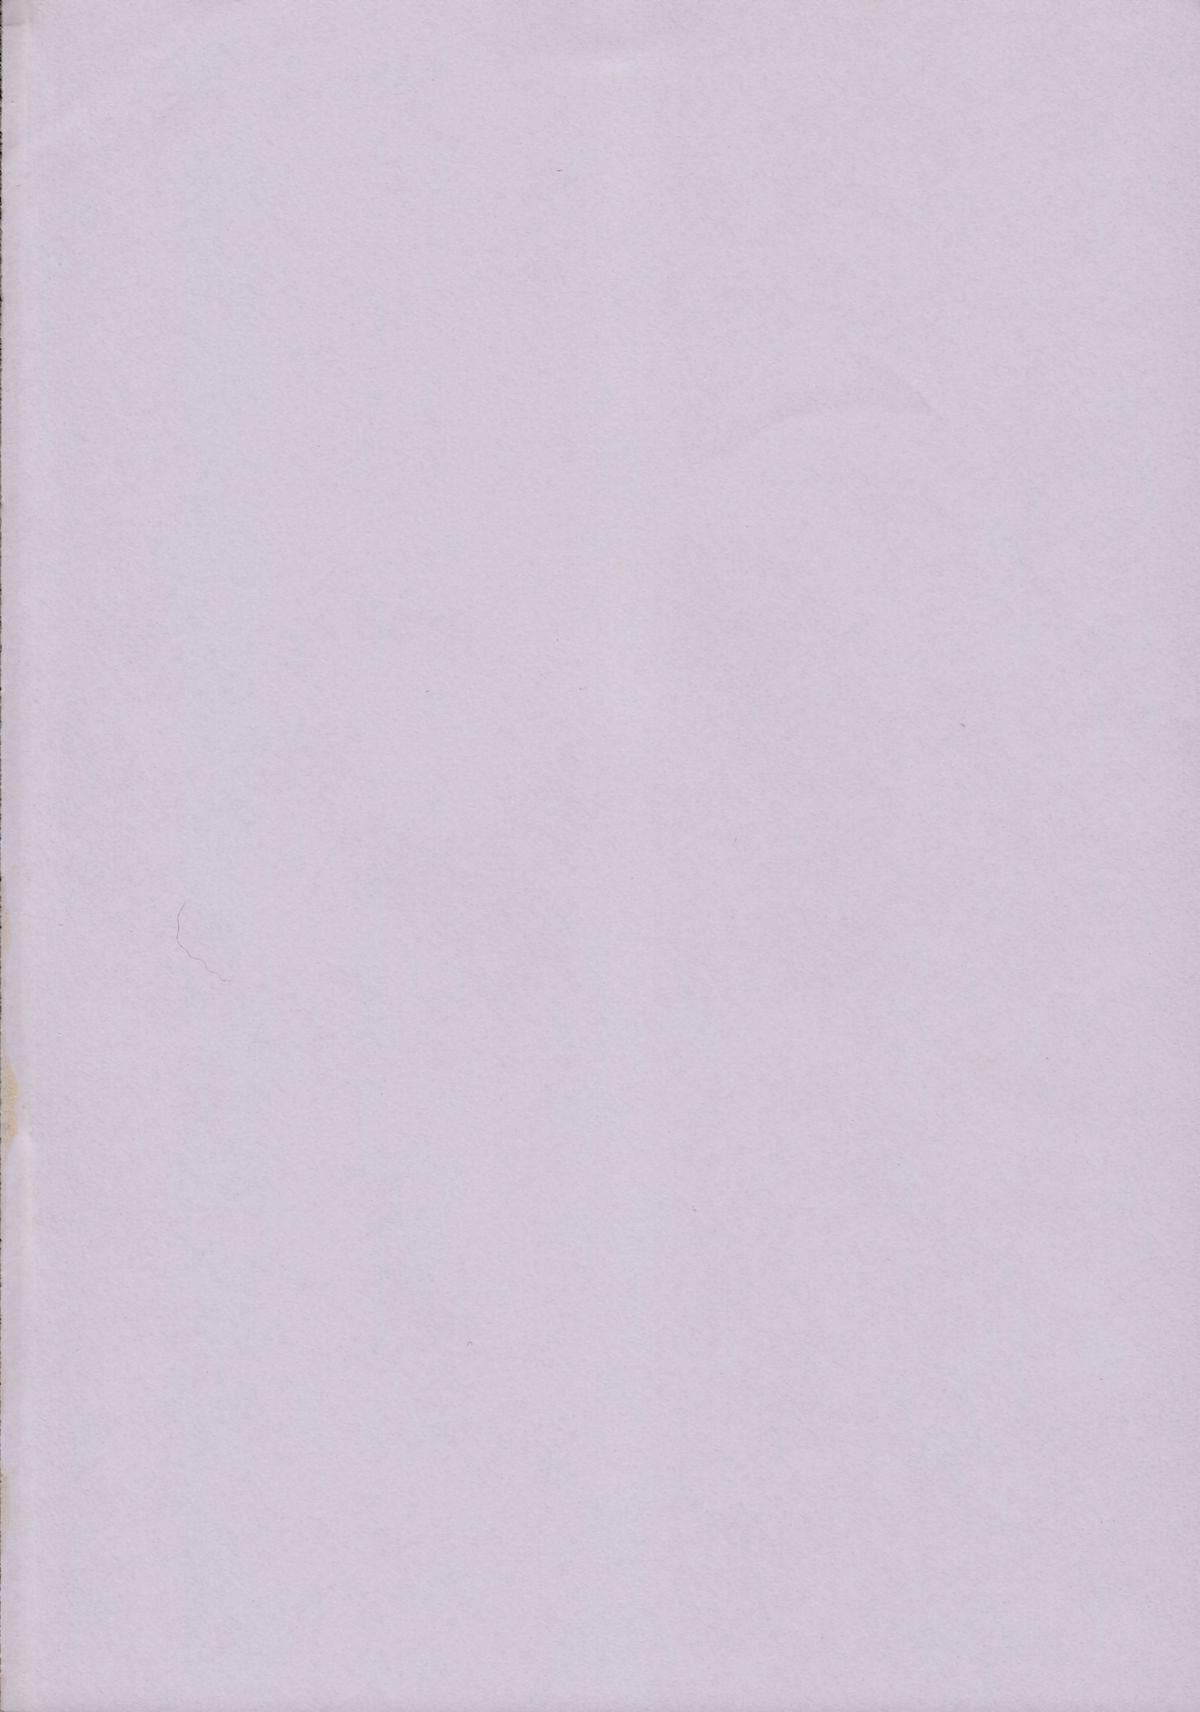 Ikenai! Otokonoko Hon Boy's H Book 2 2